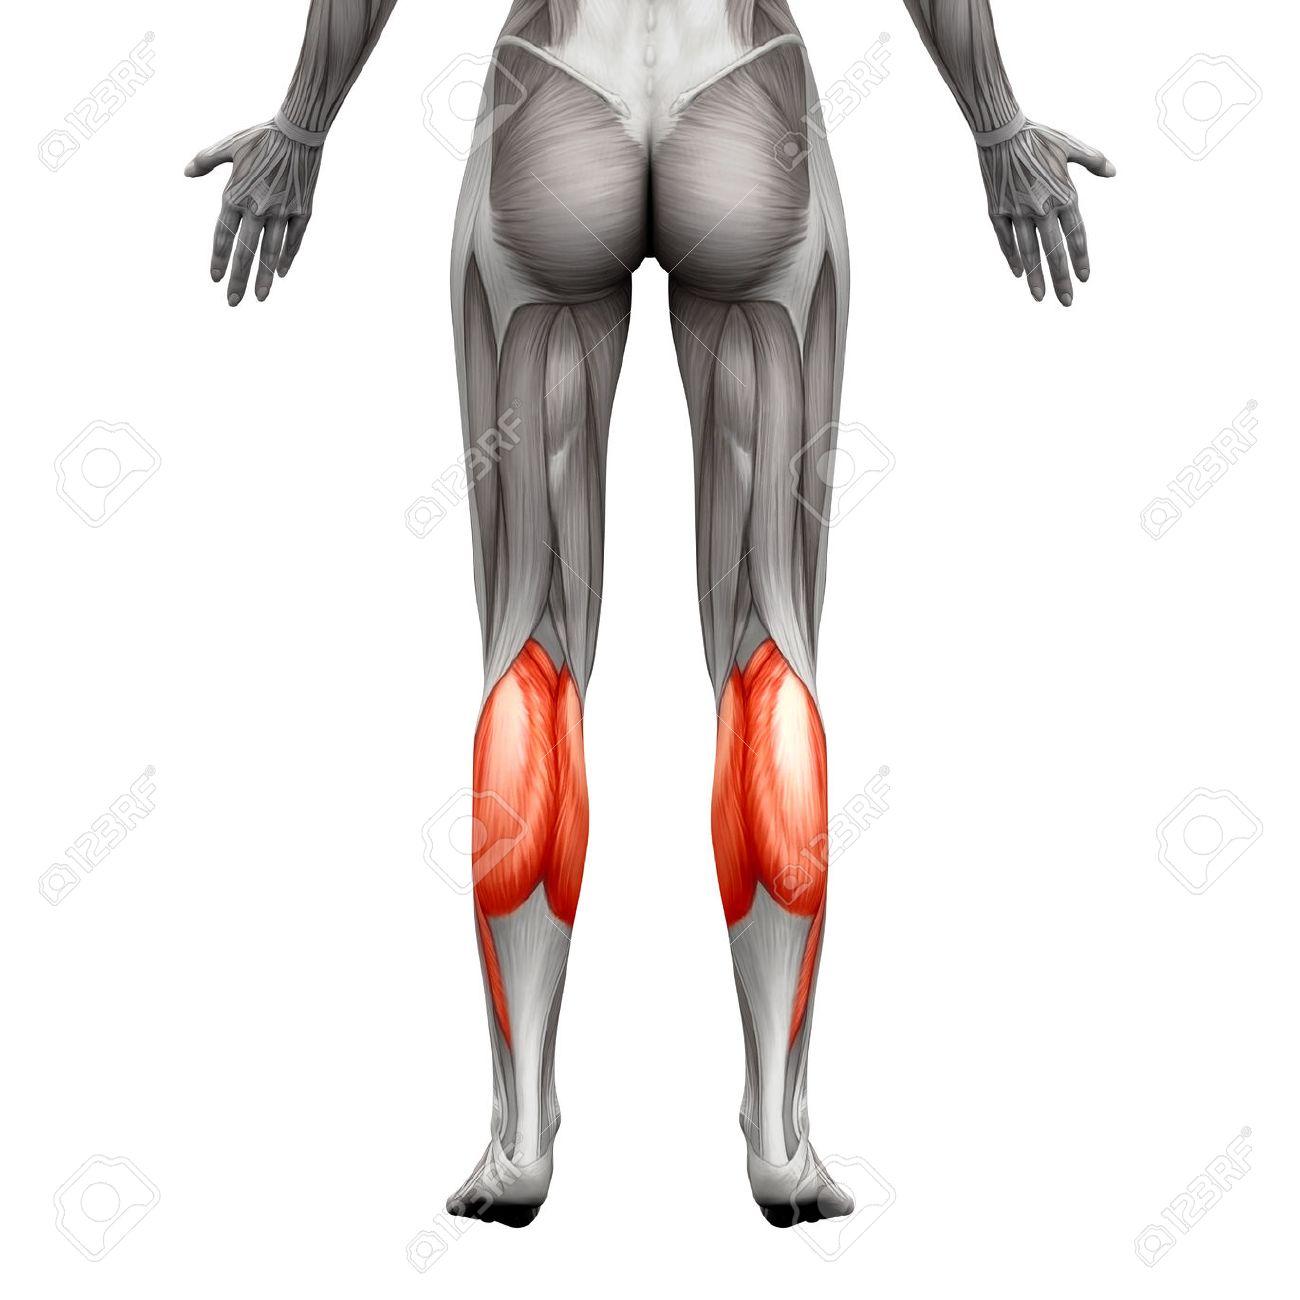 Excepcional Ternero Anatomía Muscular Mri Embellecimiento - Imágenes ...